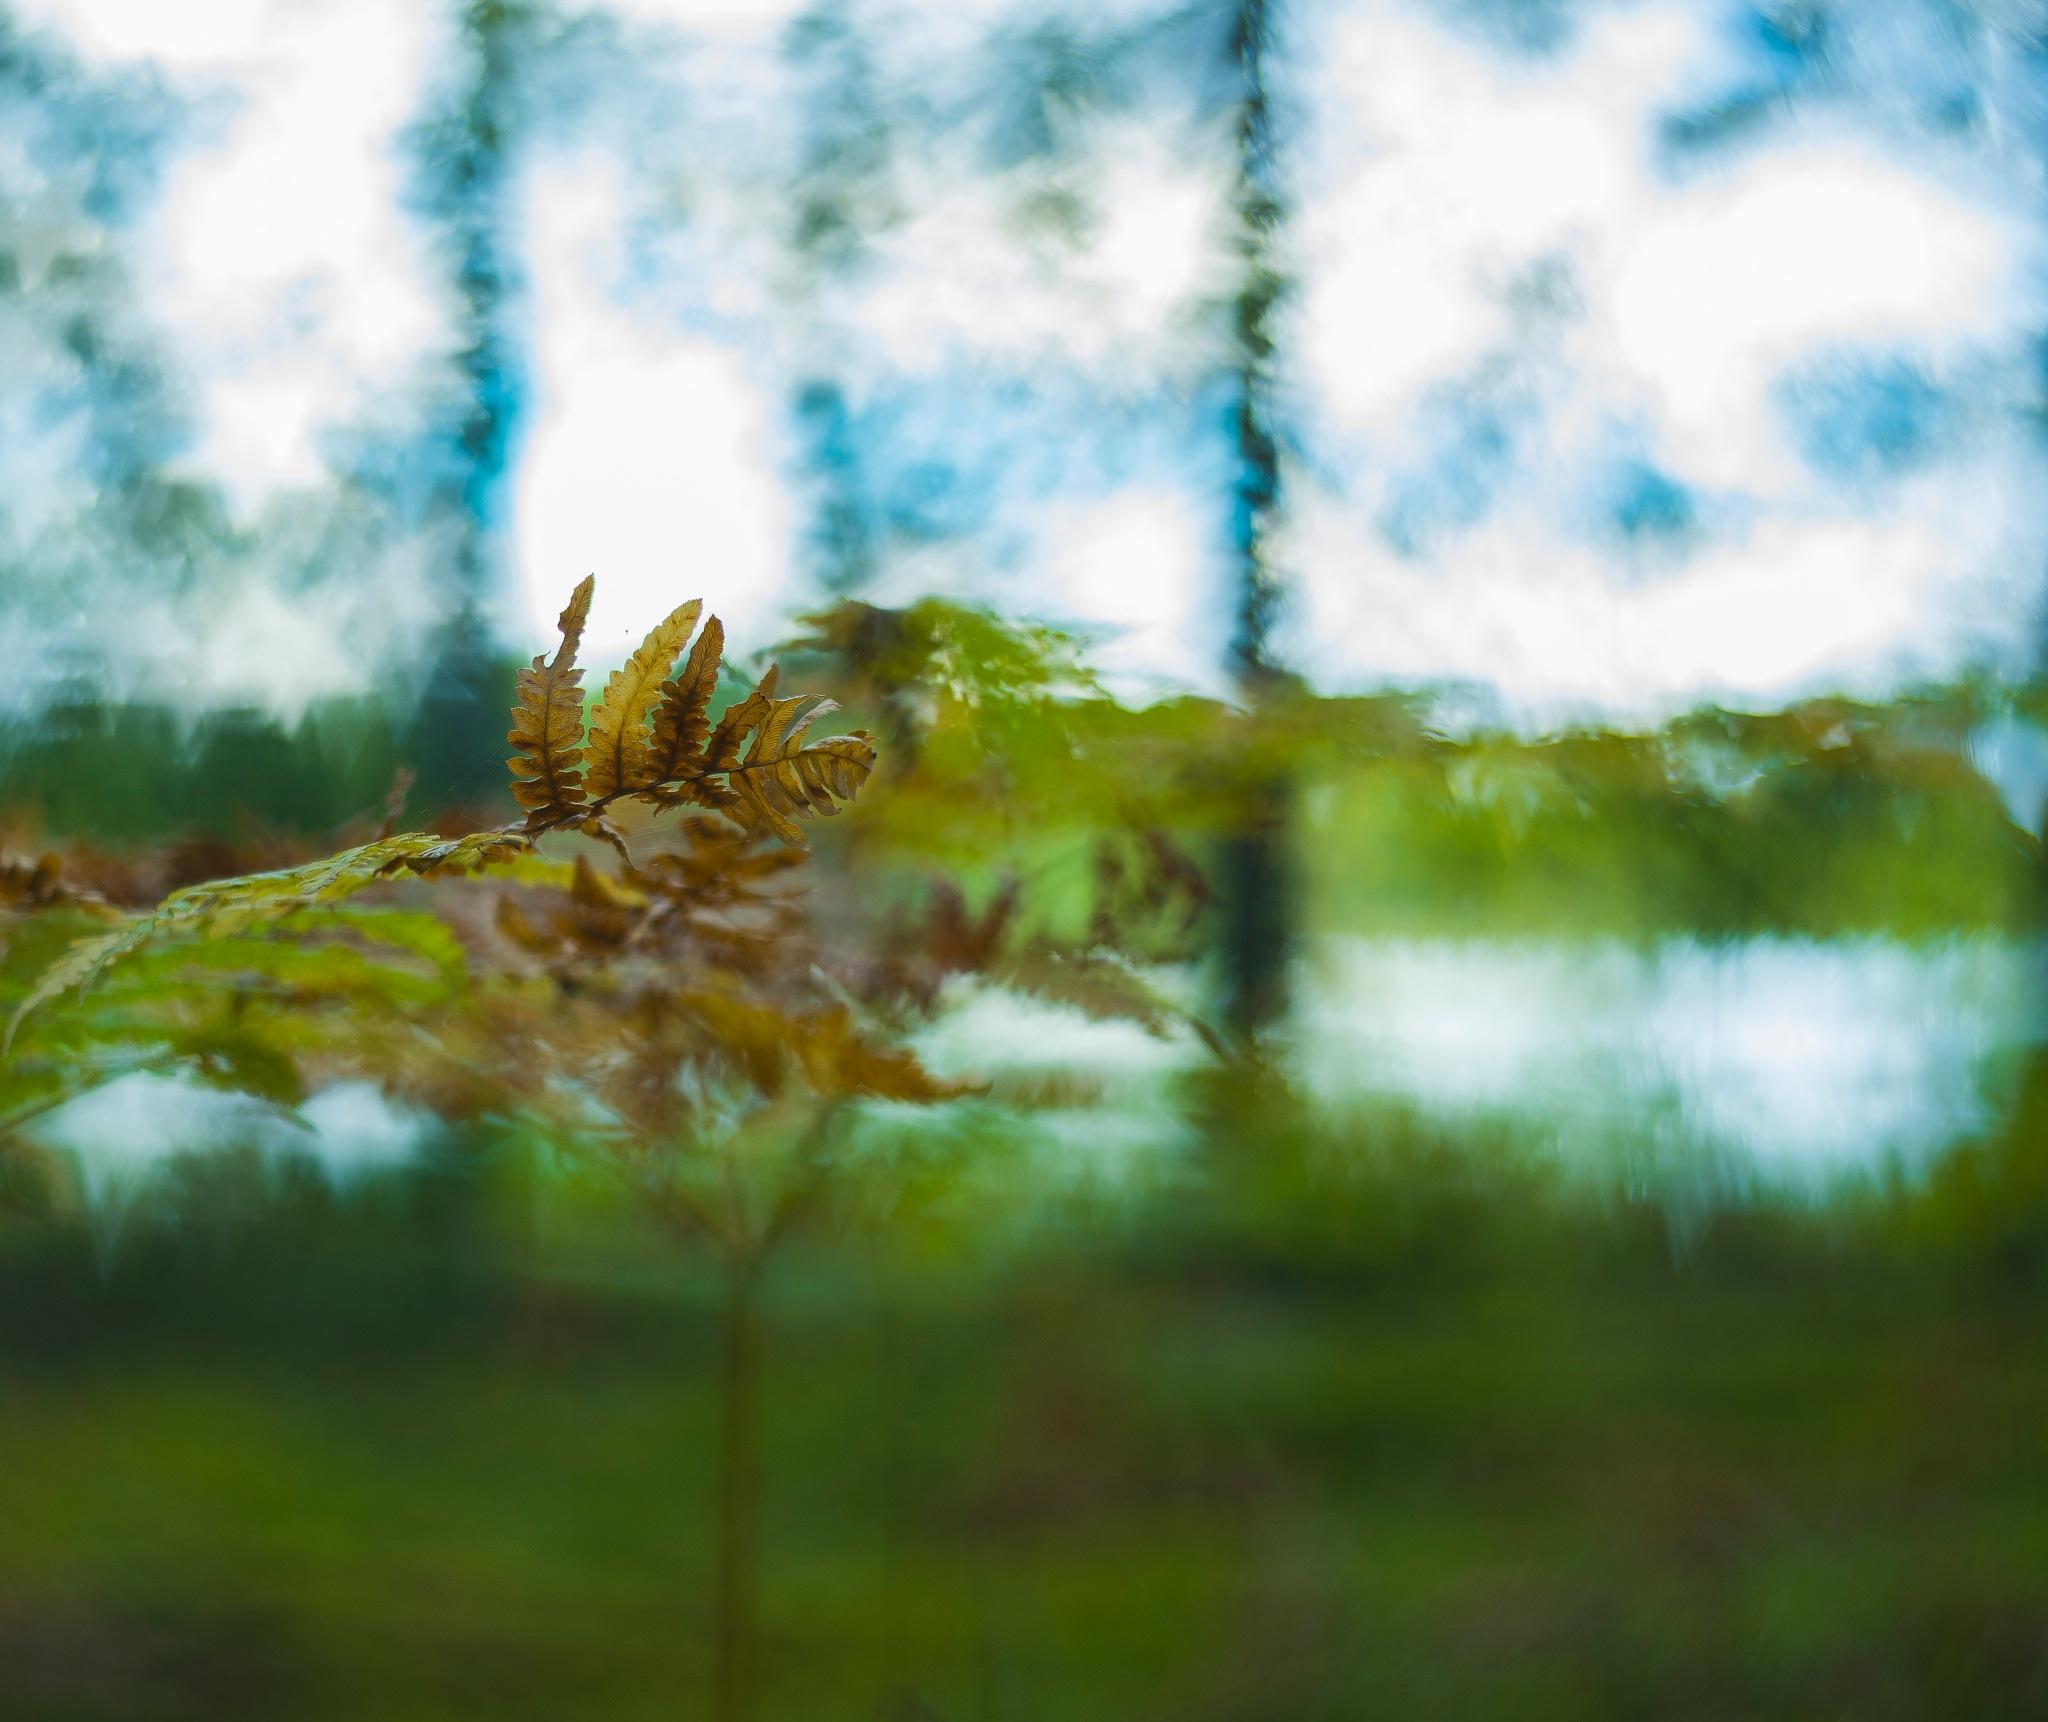 Autumn colors by Ninja-Li Einarsen Stahre